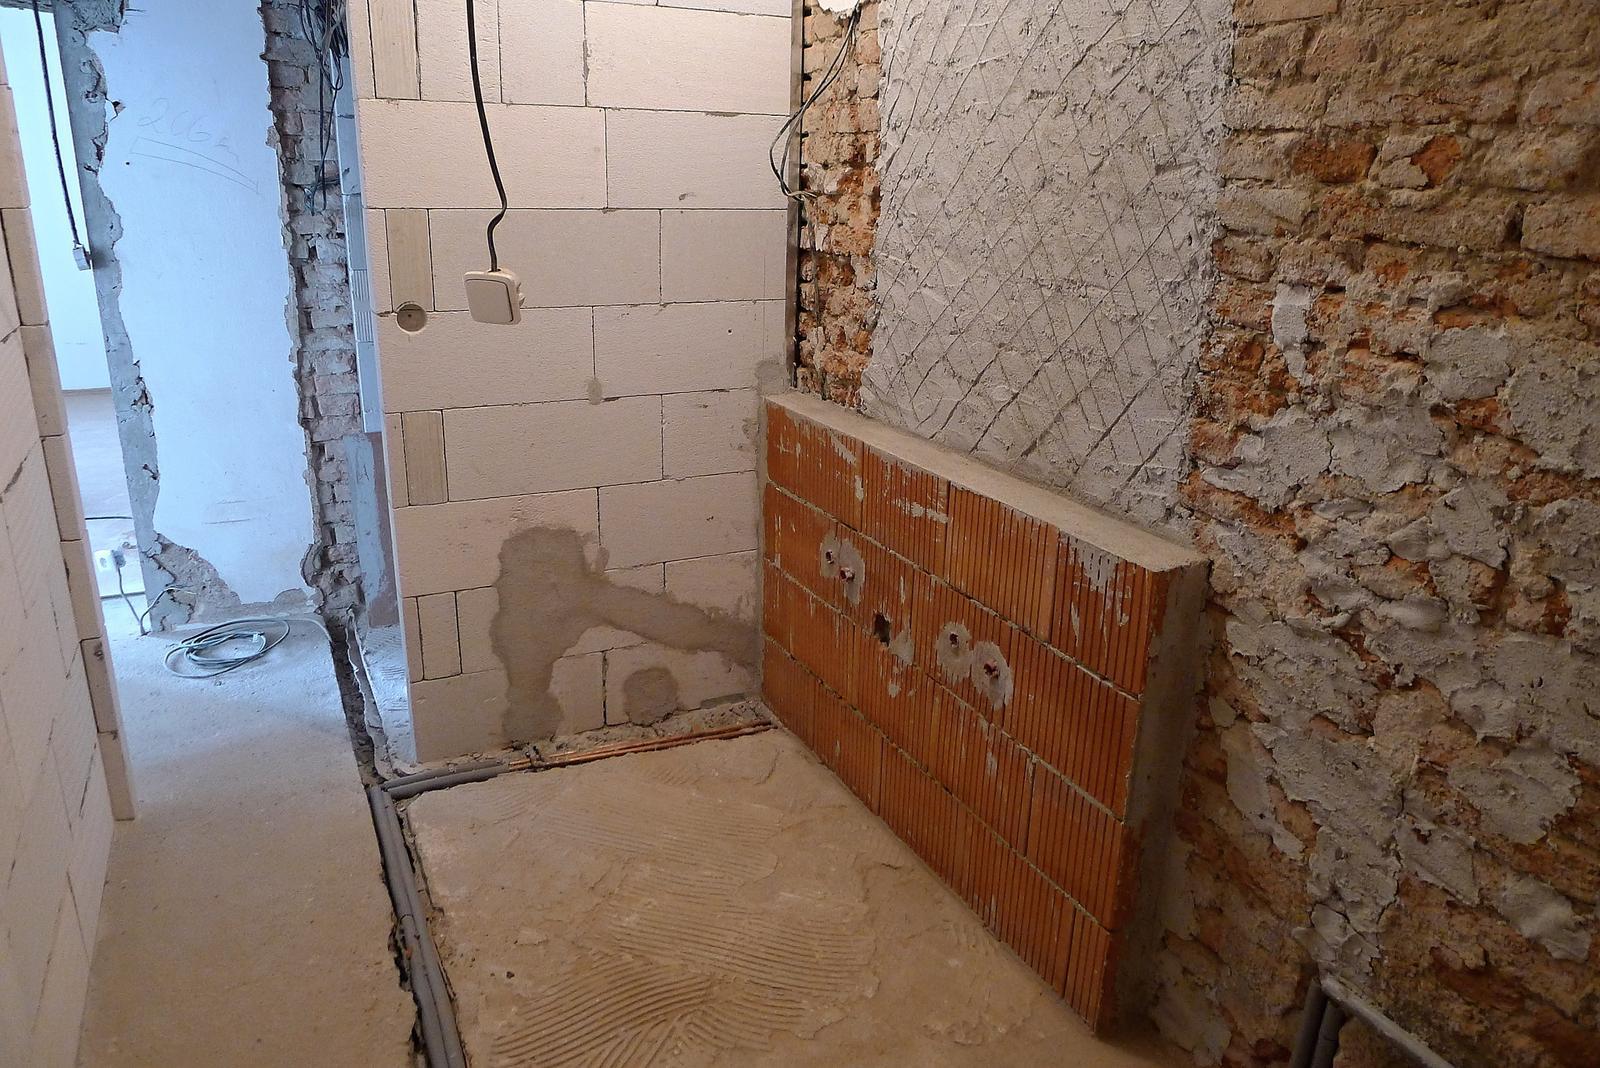 Rekonstrukce našeho domečku - koupelna - sokl před umyvadlovou skříňku